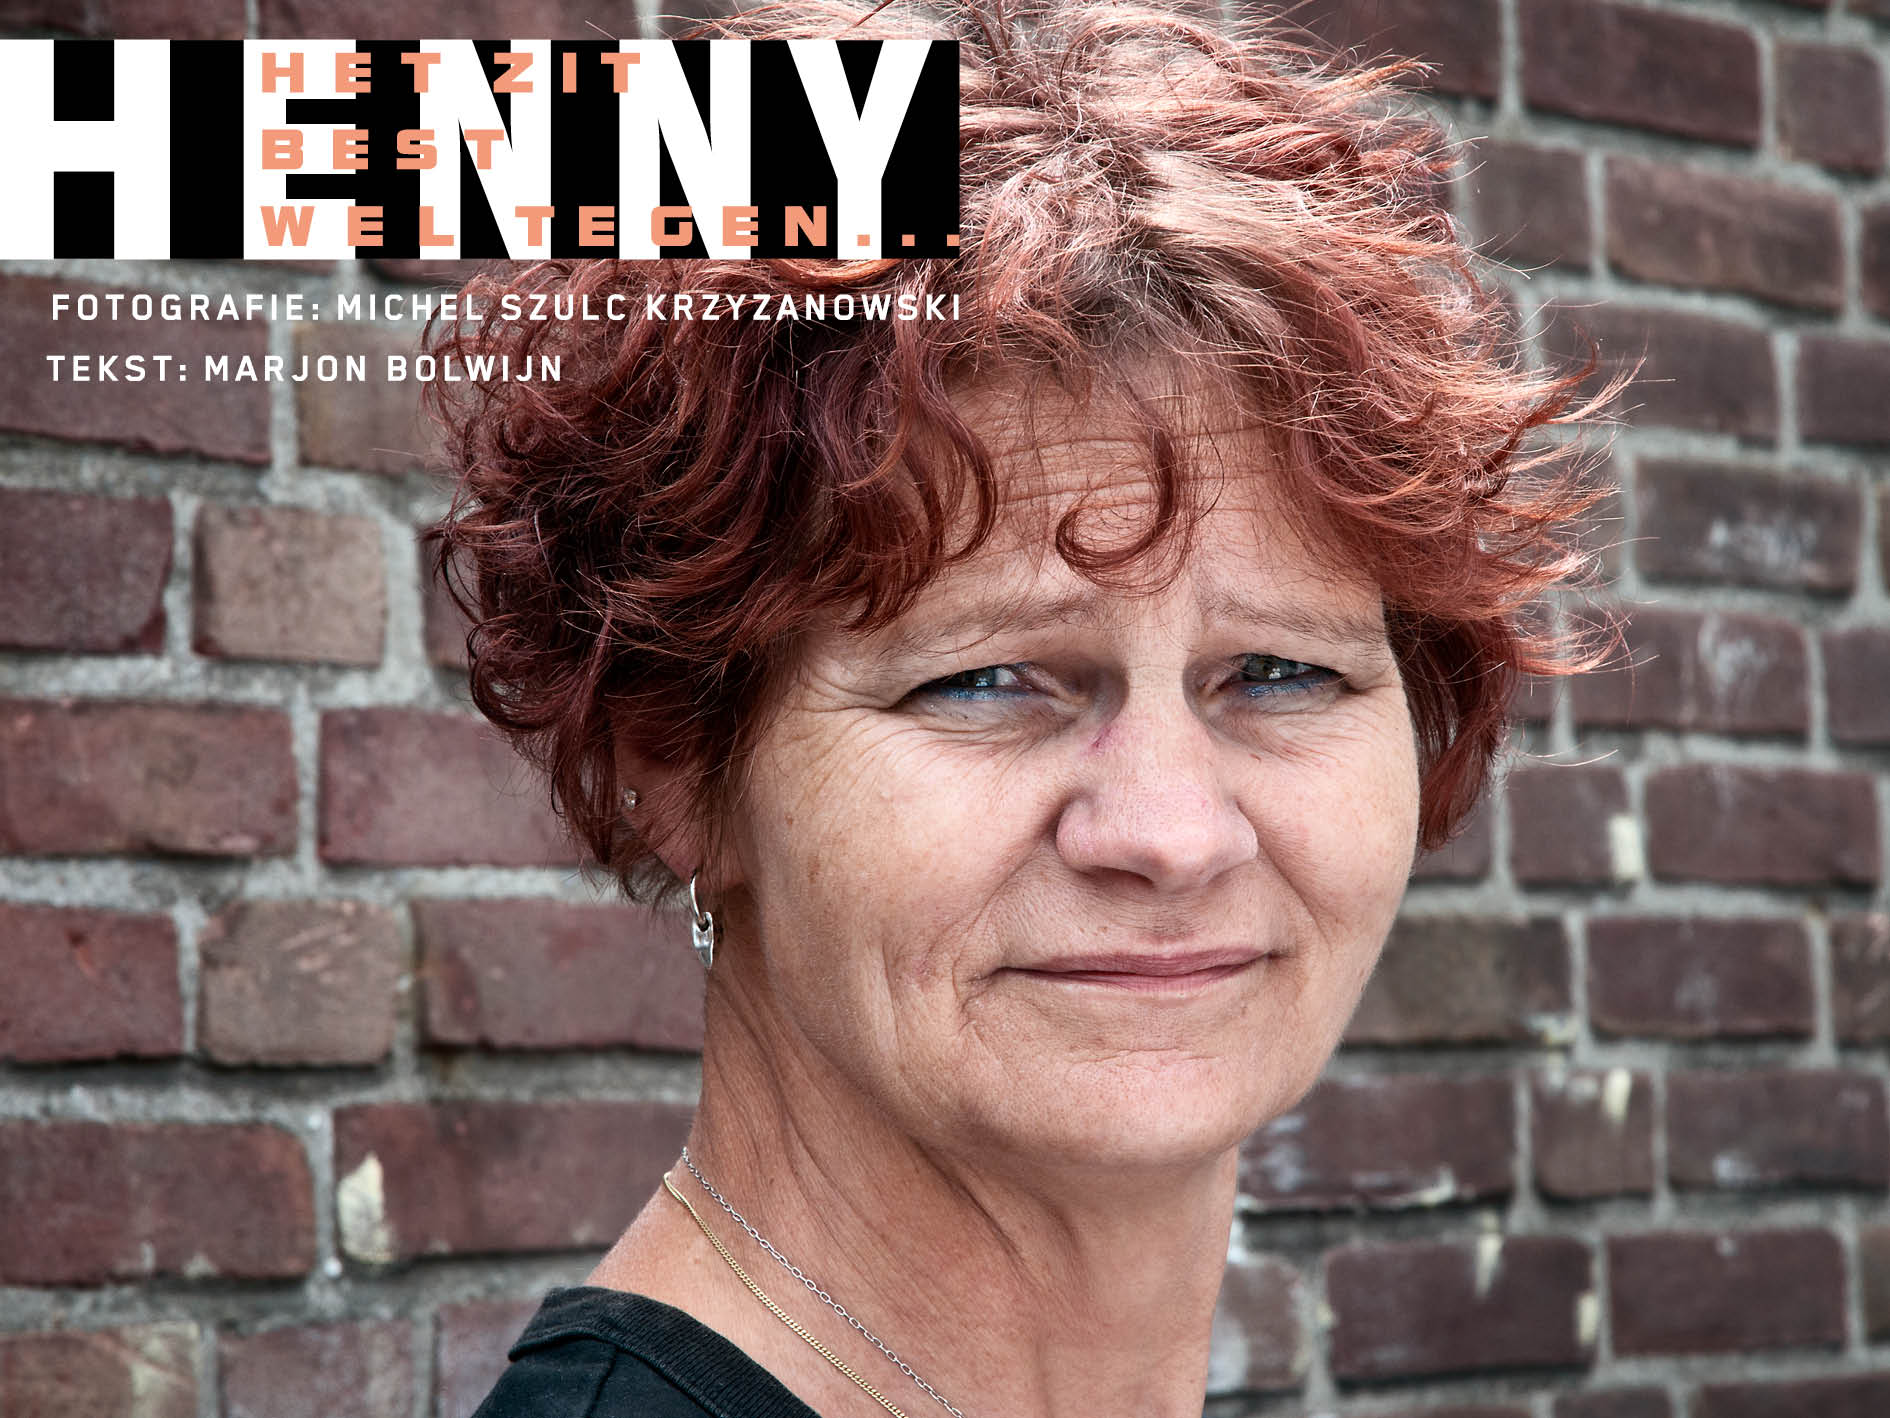 Henny - Het zit best wel tegen - Lecturis